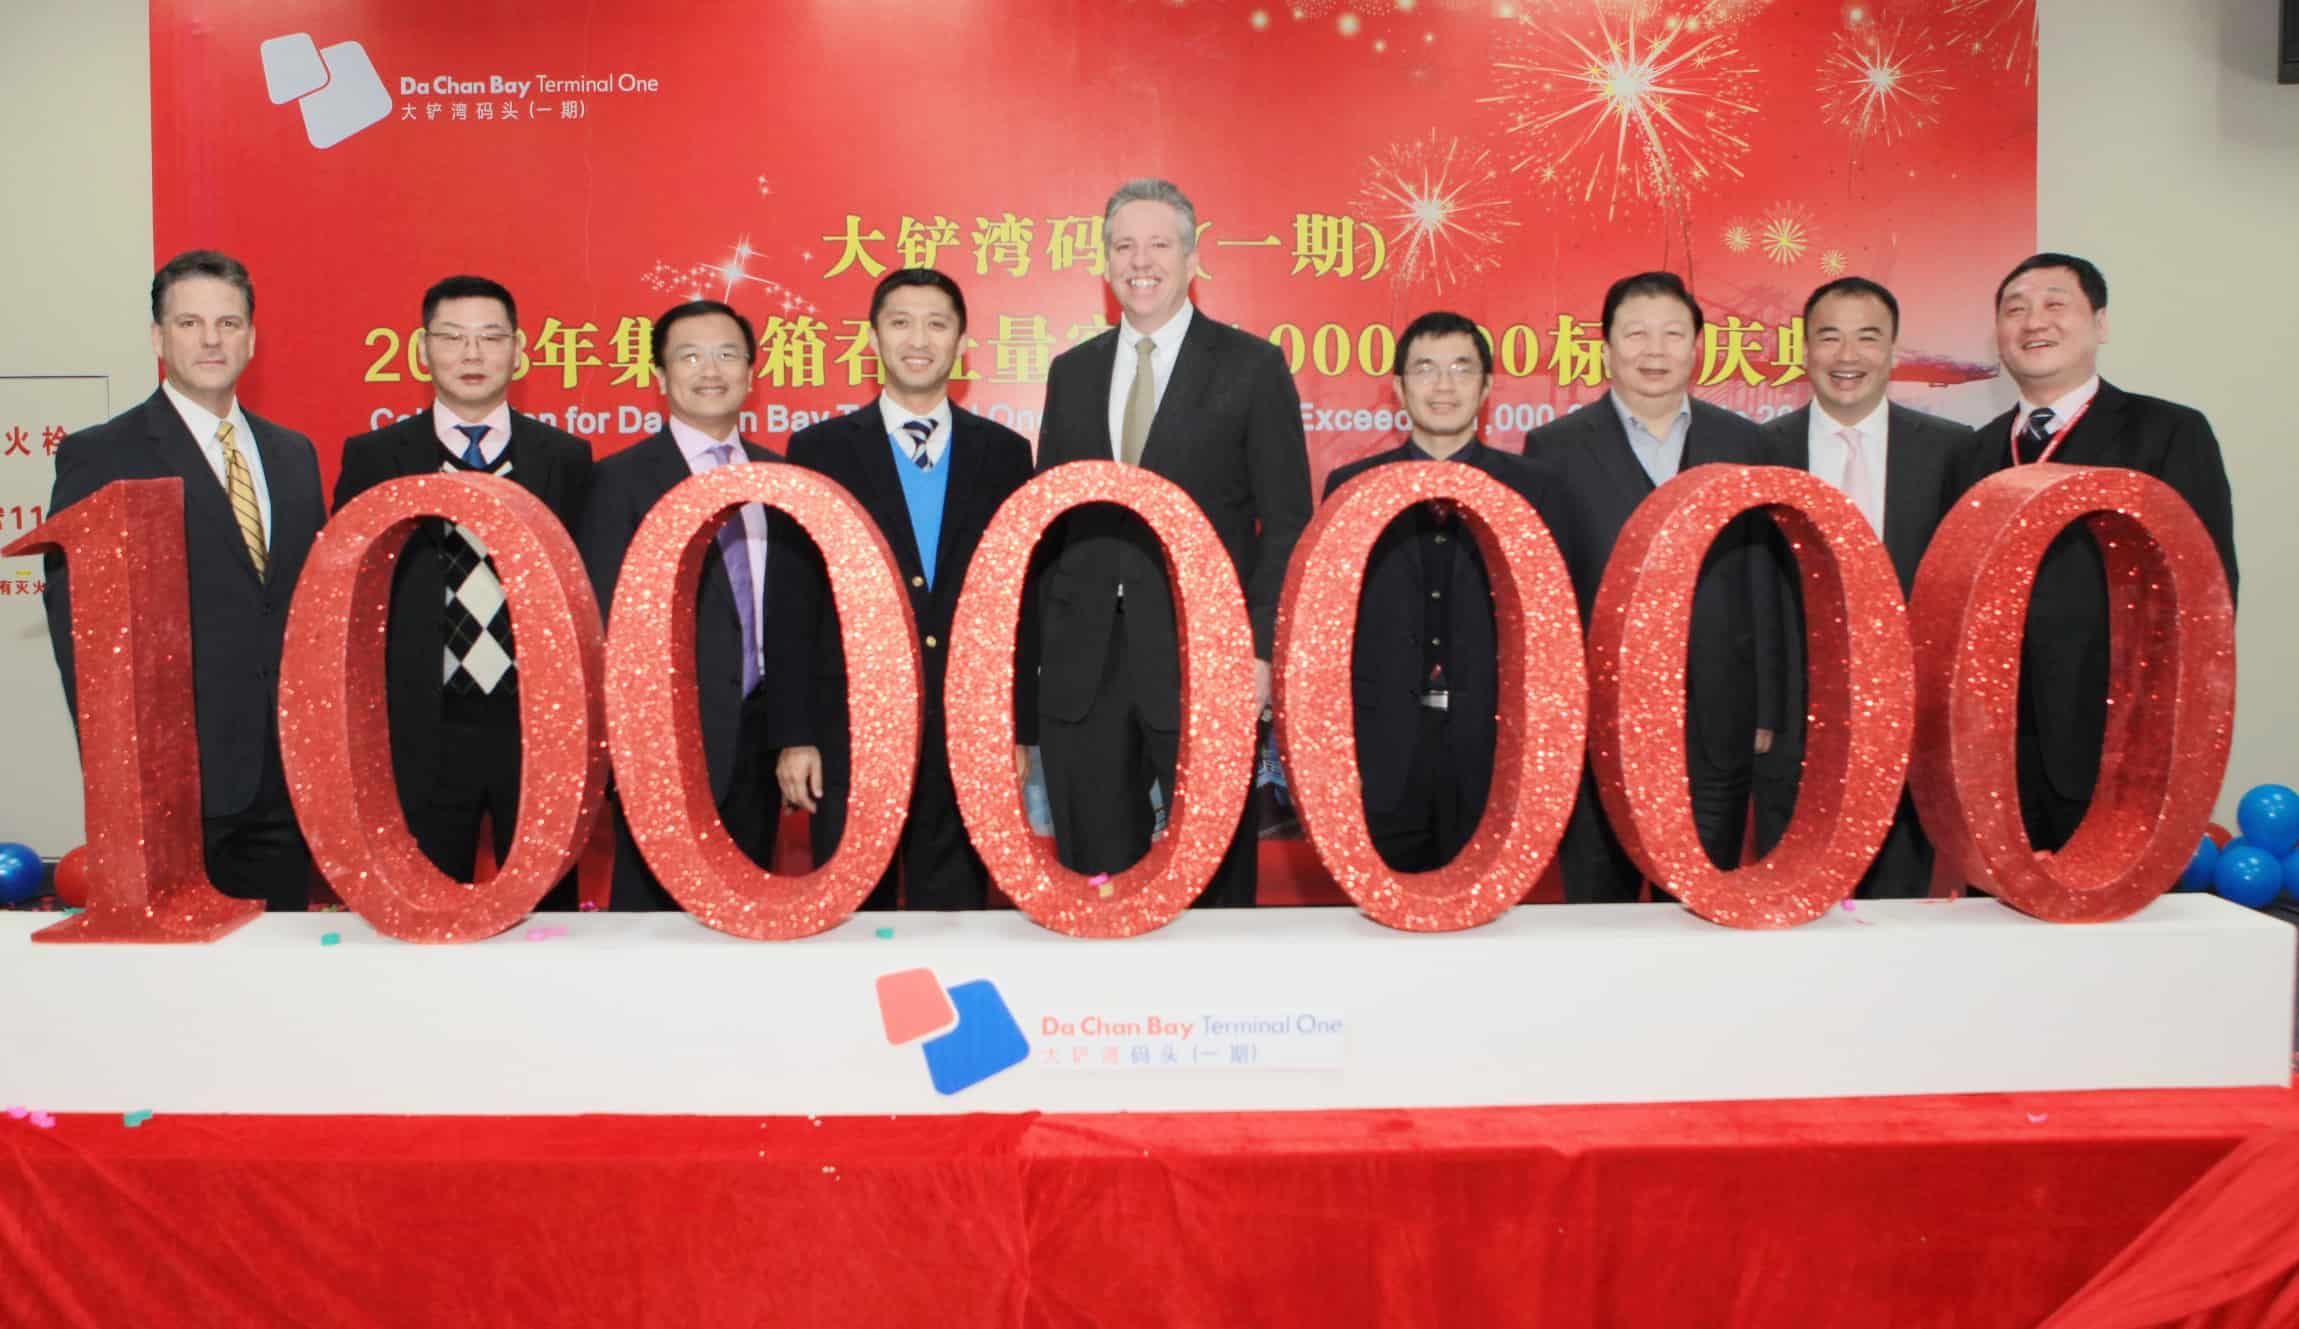 Da Chan Bay 2013 throughput hit 1m